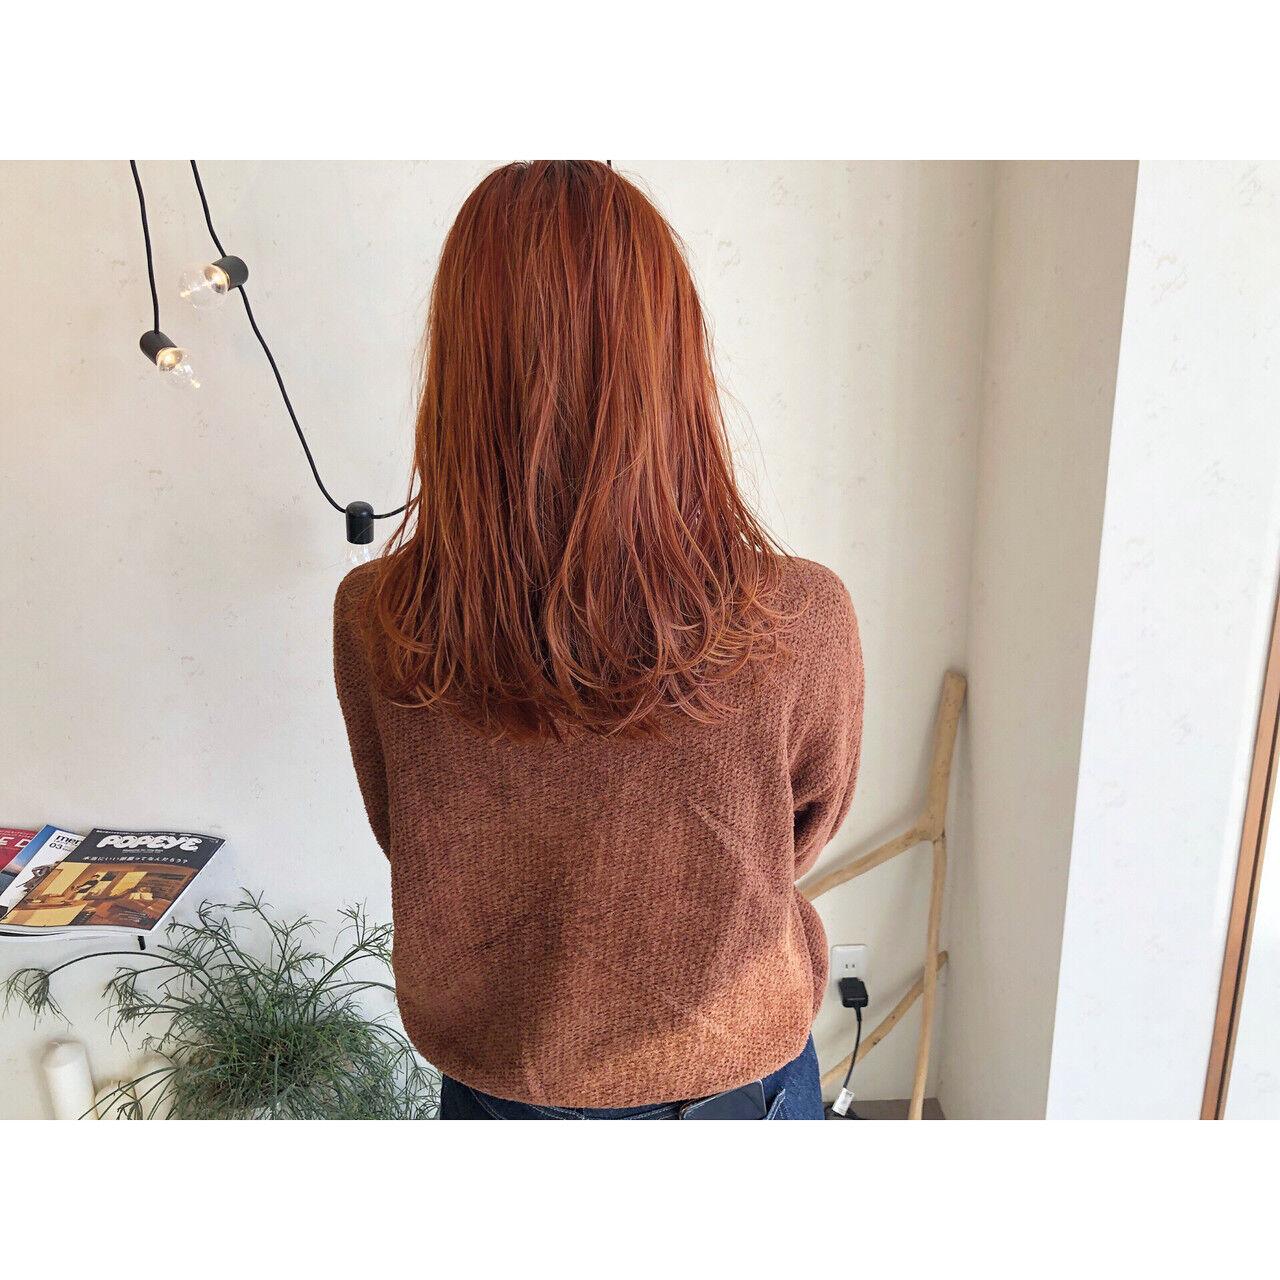 オレンジブラウン オレンジベージュ アプリコットオレンジ オレンジヘアスタイルや髪型の写真・画像